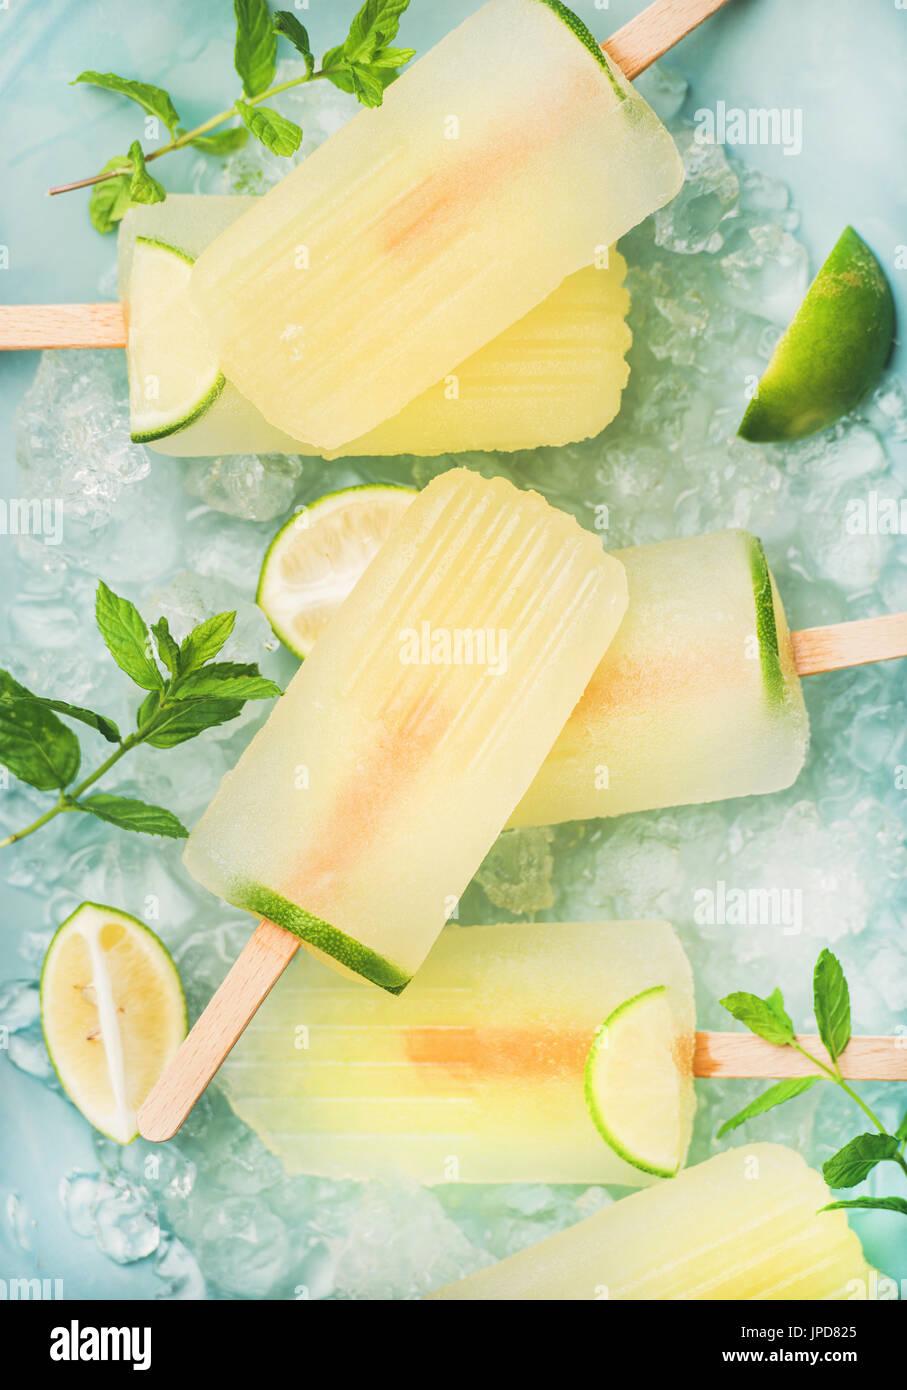 Limonada de verano helados de agua con limón y hielo rotos, vista superior Imagen De Stock